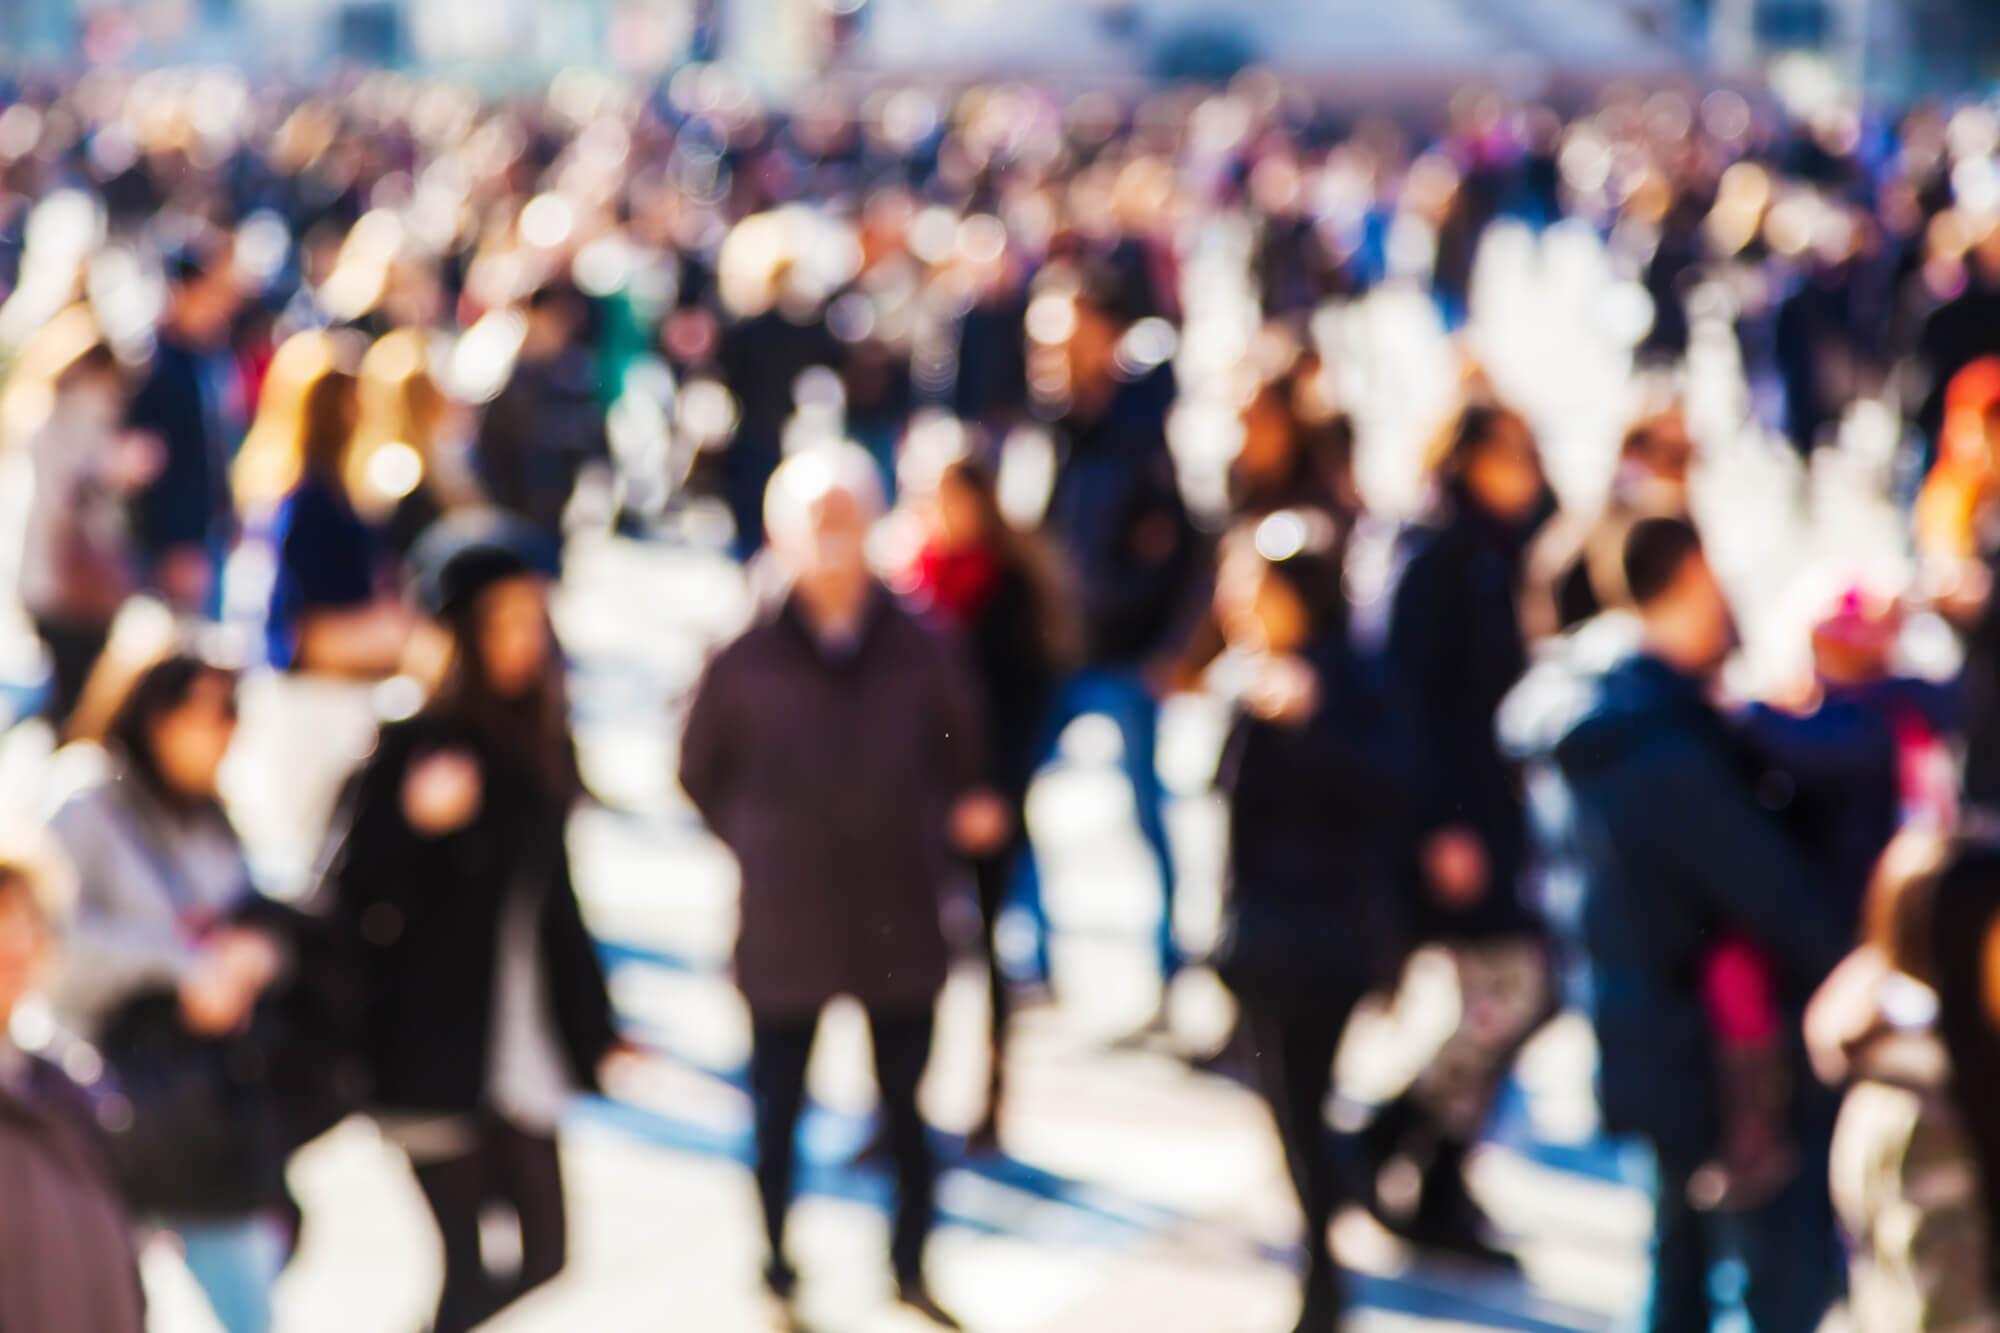 Політичні погляди громадянського суспільства: вільна економіка, обмежені свободи